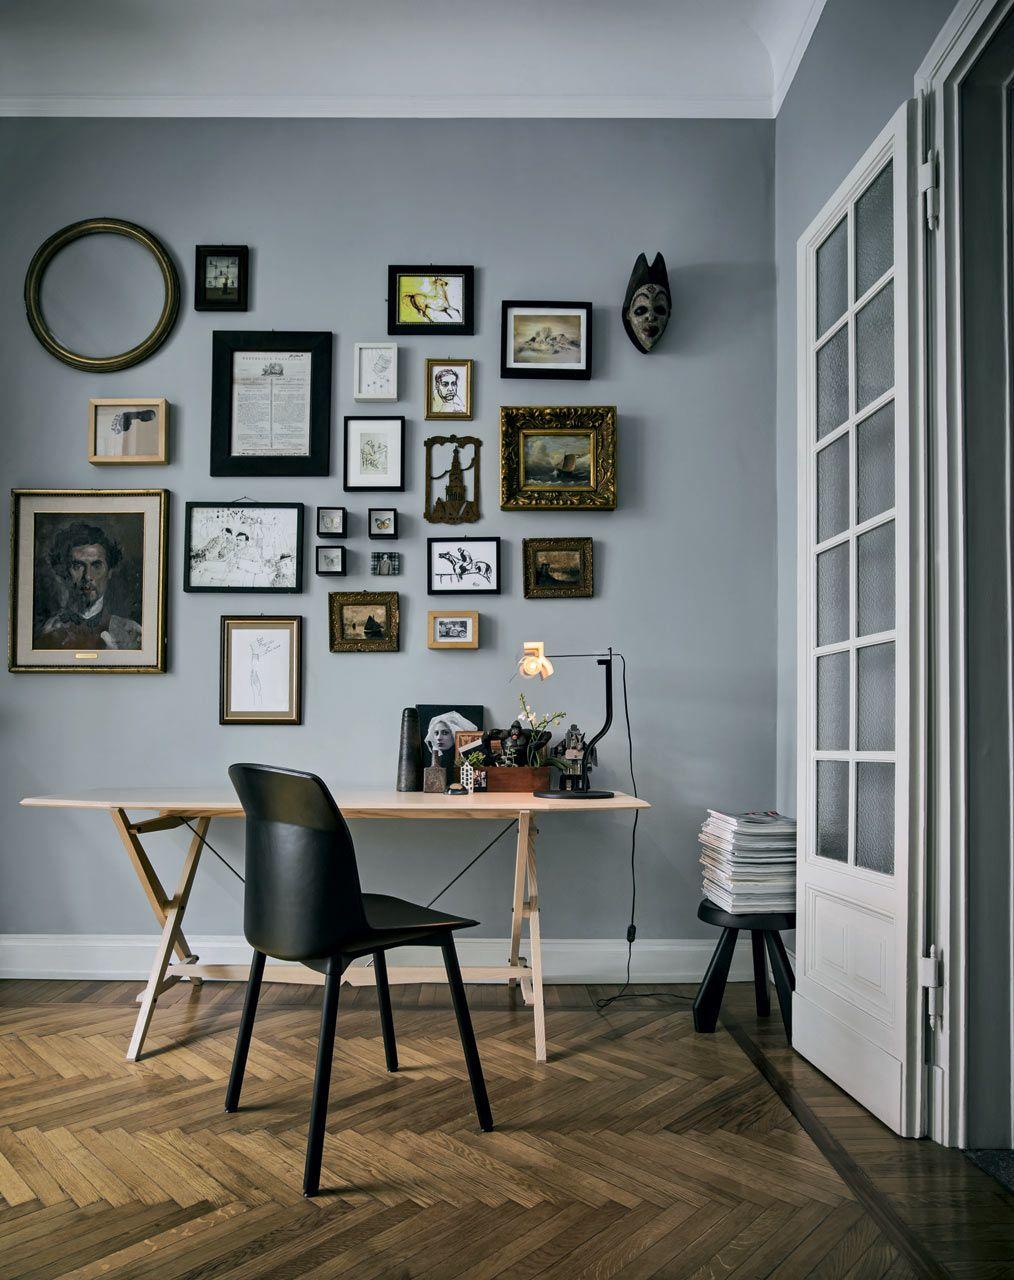 Arbeitszimmer wandgestaltung  Pin von Lukas Hasler auf Küche | Pinterest | Einrichtungsstile ...